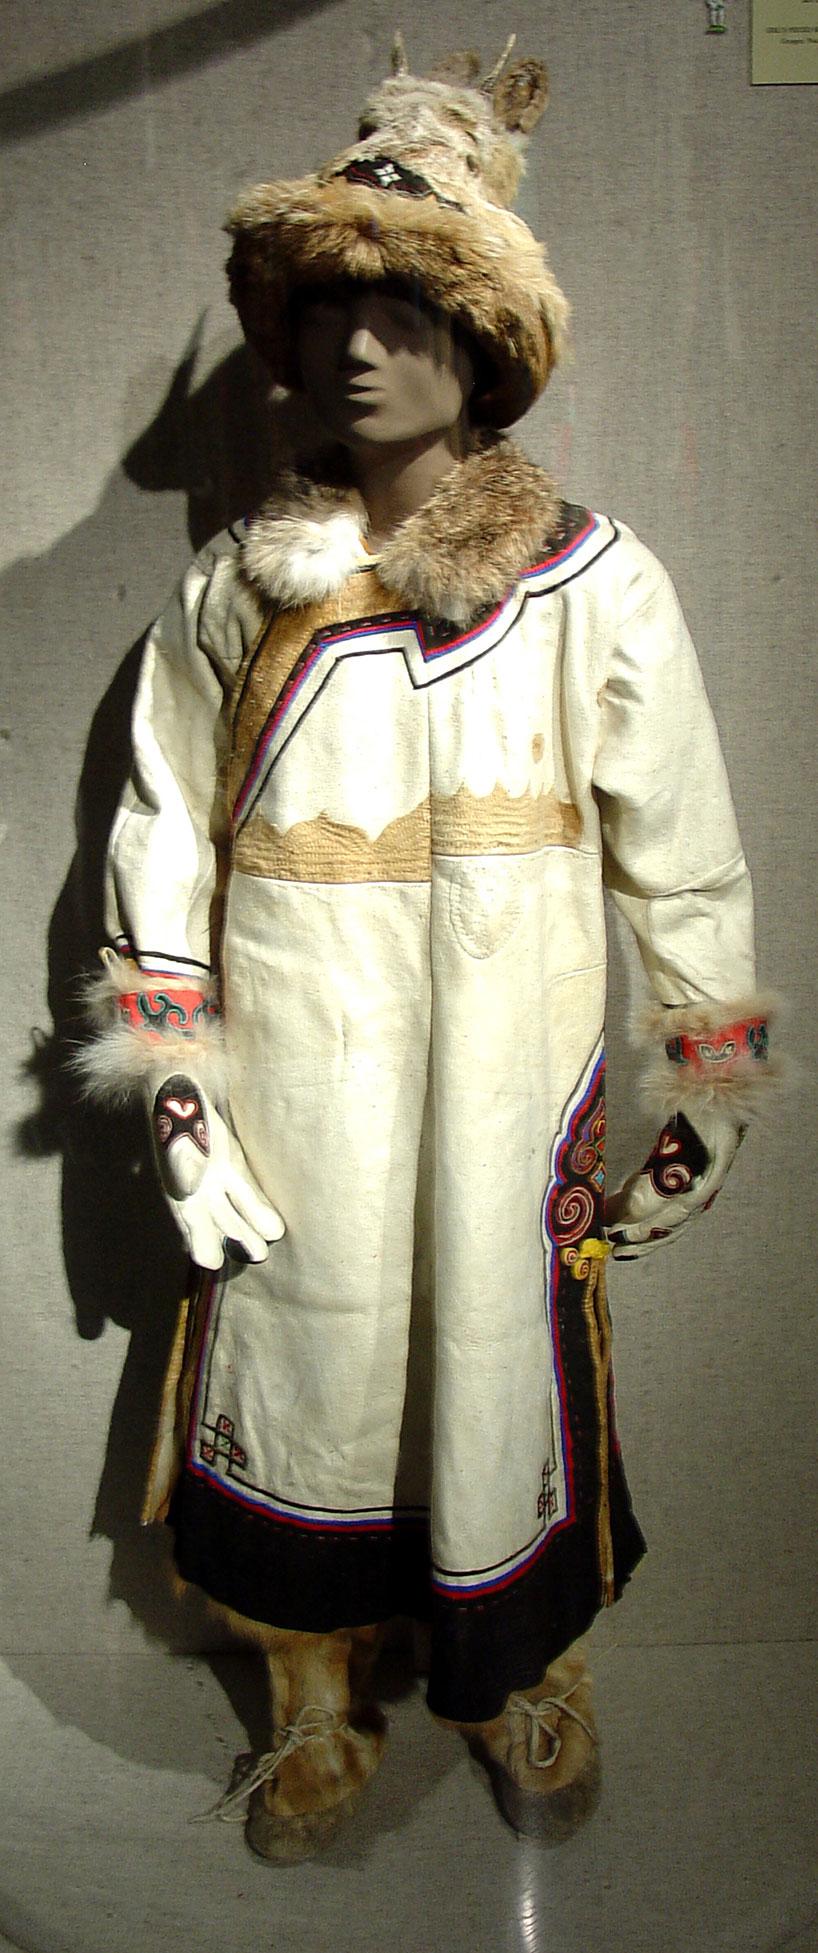 Atuendo típico de los cazadores del pueblo oroqen.